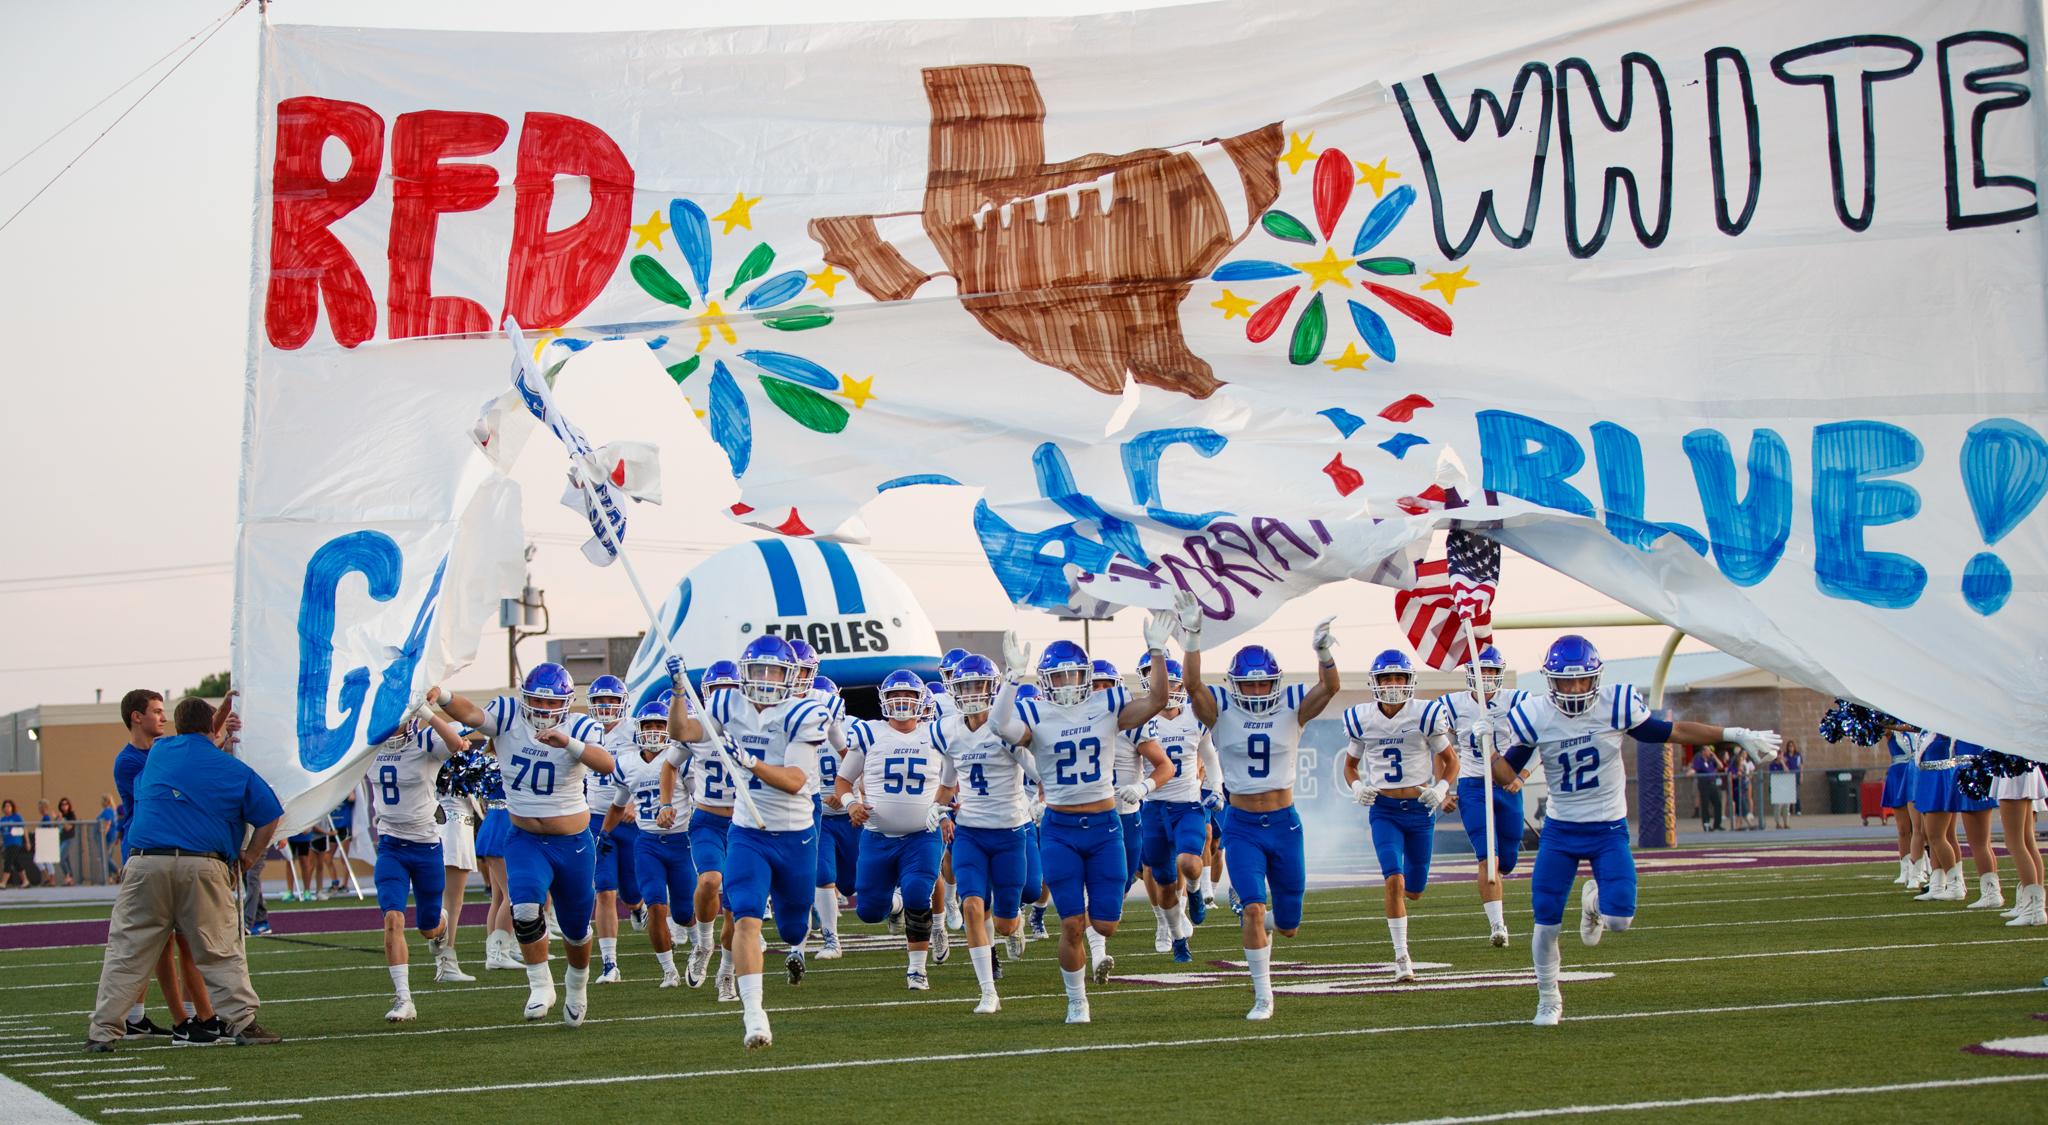 Jugadores fútbol americano atraviesan una gran pancarta corriendo para entrar al campo de juego (© Tim Richardson)